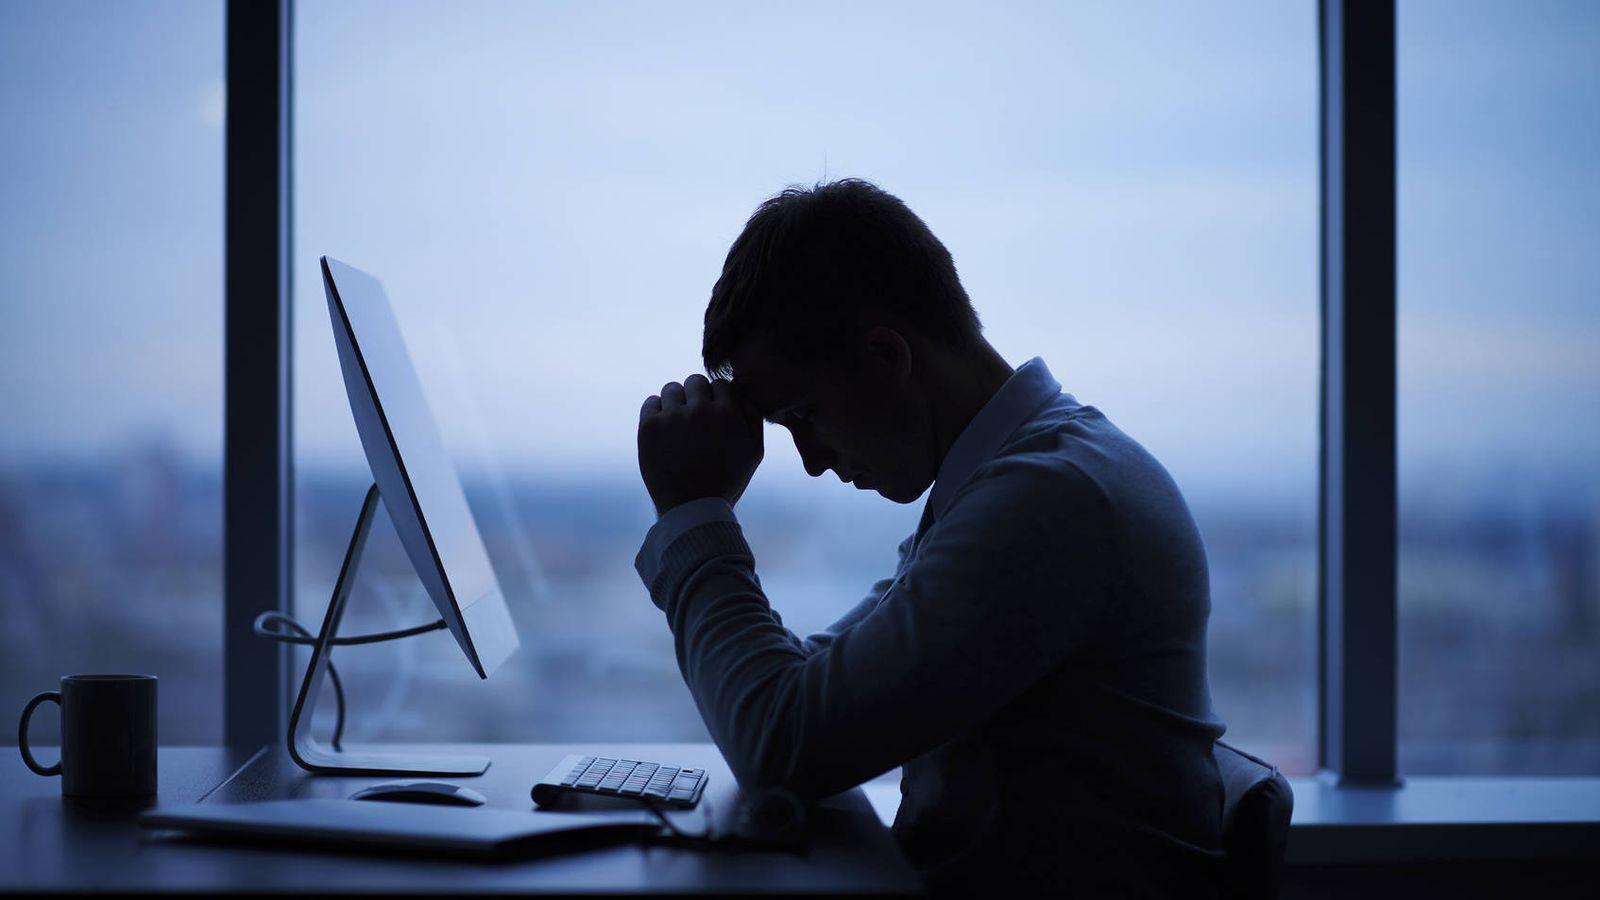 Foto: Un hombre descansa frente a su ordenador. (iStock)